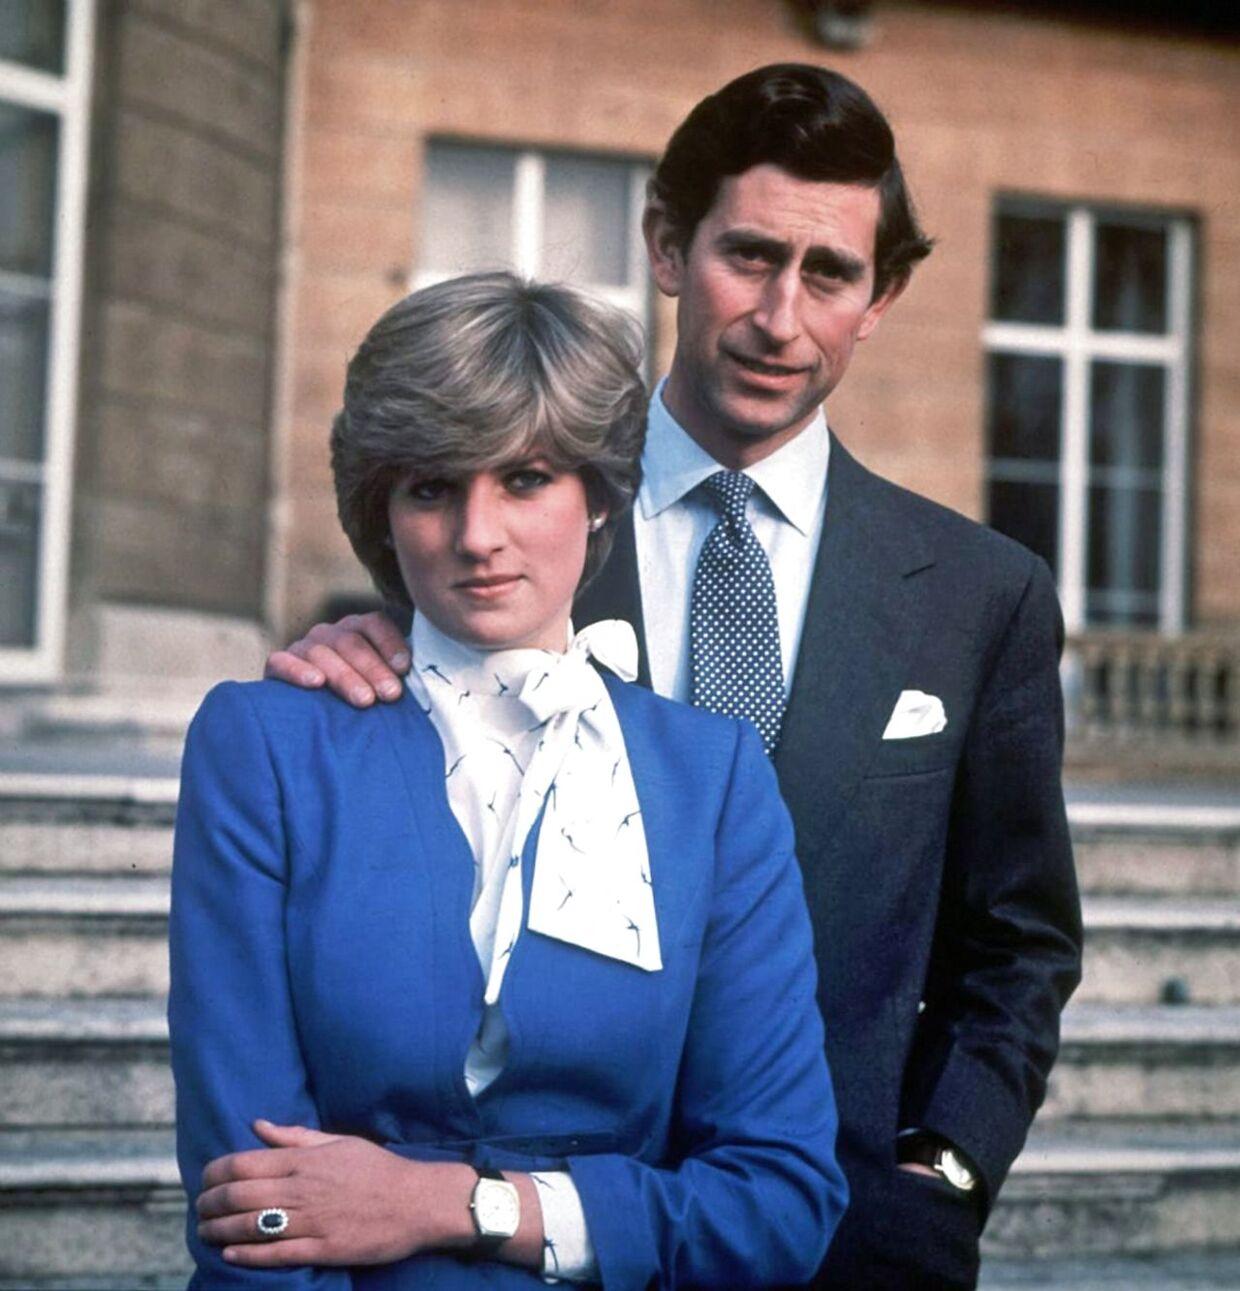 Dette billede blev taget den 24. februar 1981, hvor forlovelsen mellem prins Charles og Diana Parker Spence blev offentliggjort.